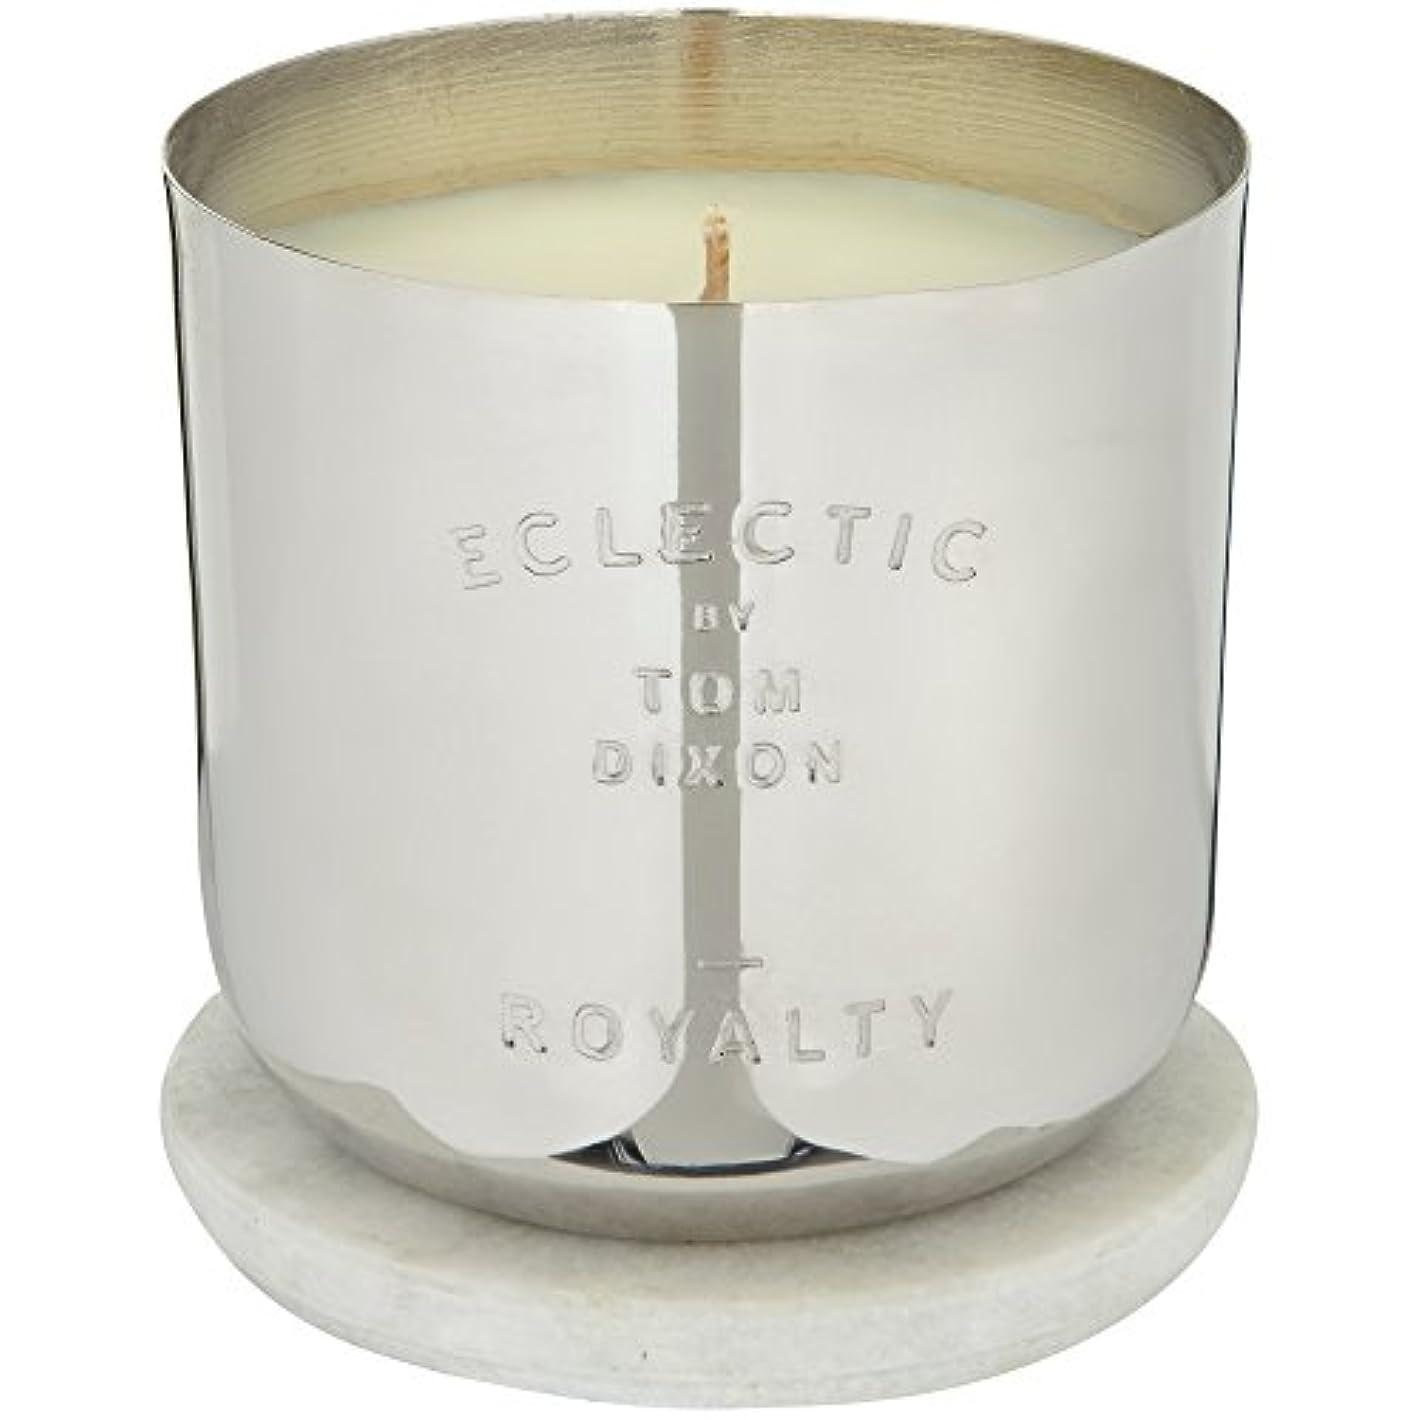 科学的トンスリッパTom Dixon Royalty Scented Candle - トム?ディクソンロイヤリティ香りのキャンドル [並行輸入品]